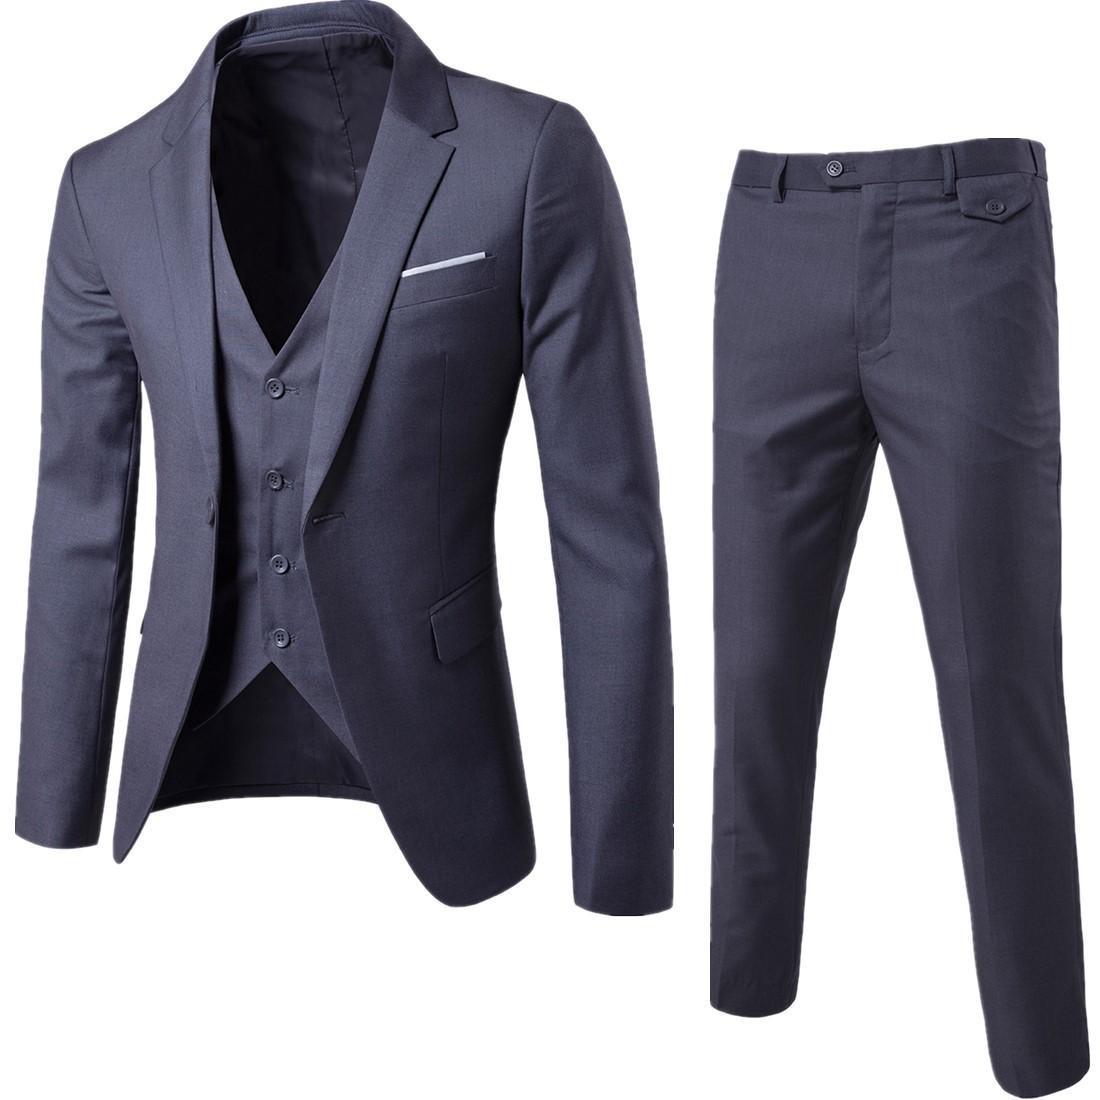 2018 primavera outono mens business casual terno (3 peças / set) tamanho grande além de fertilizante fivela única terno fino vestido de noite 6xl